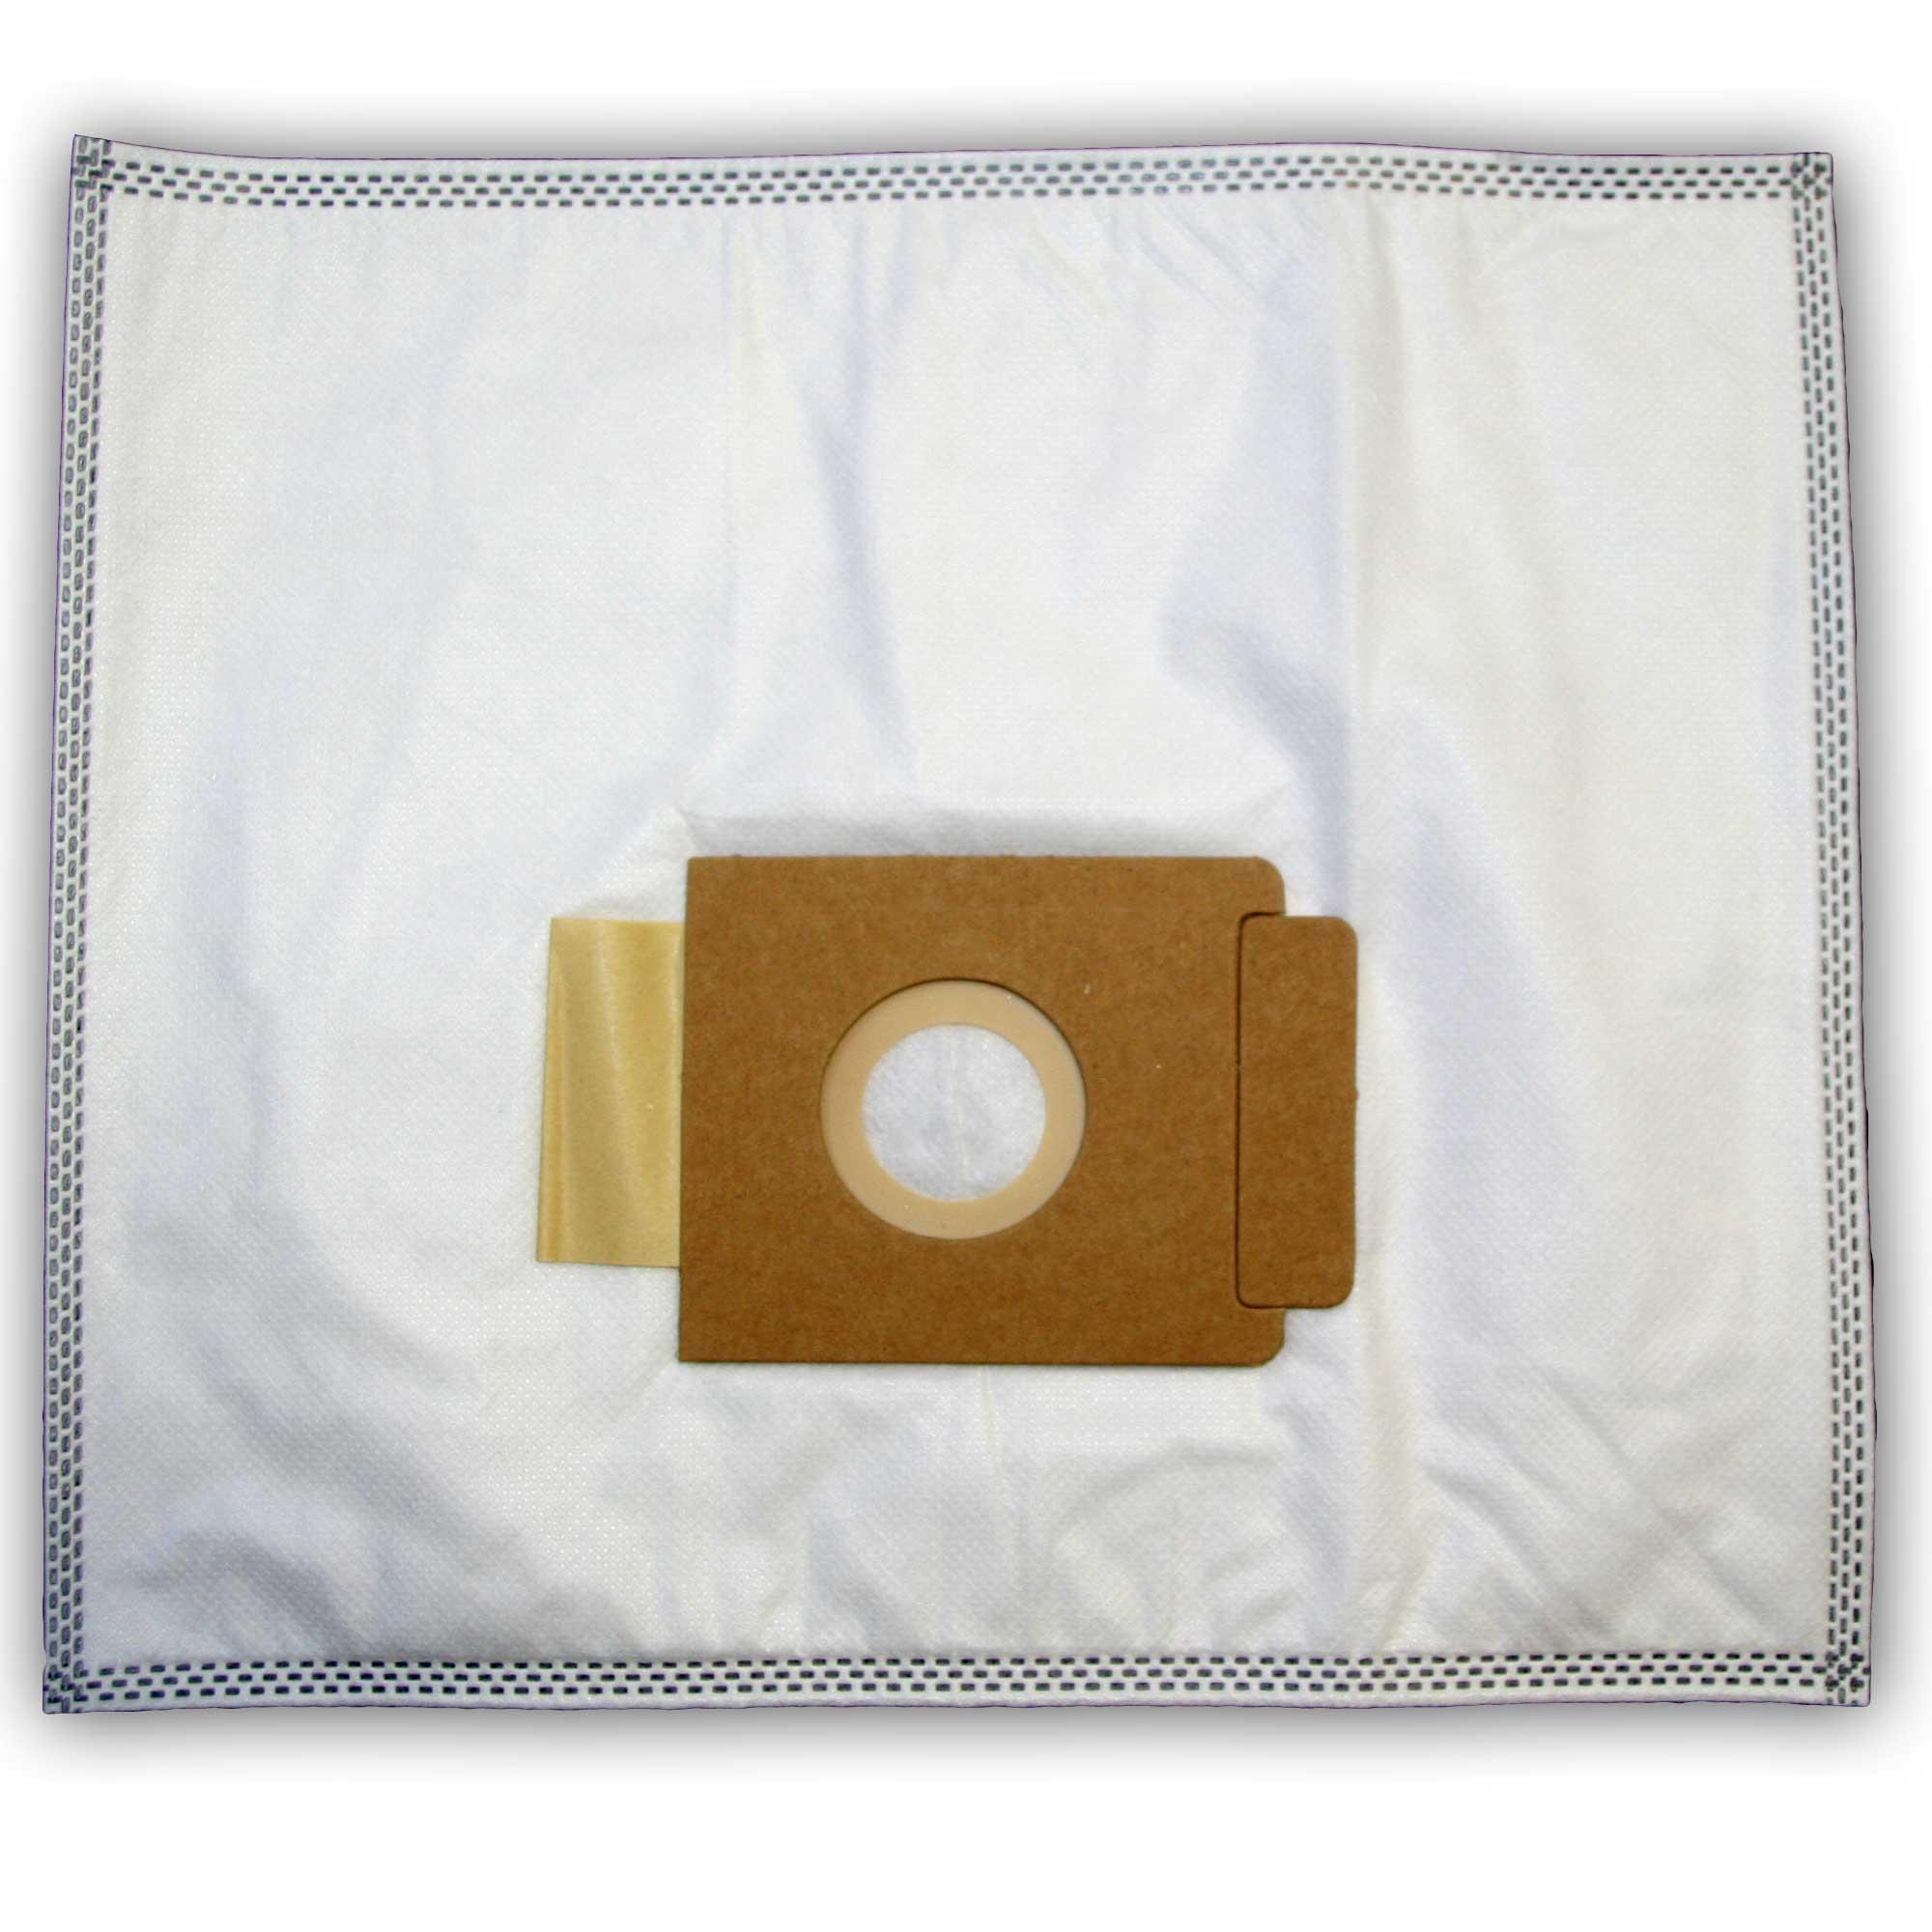 Harlekin Filtertüten 10 Staubsaugerbeutel geeignet für EIO Handy Valente